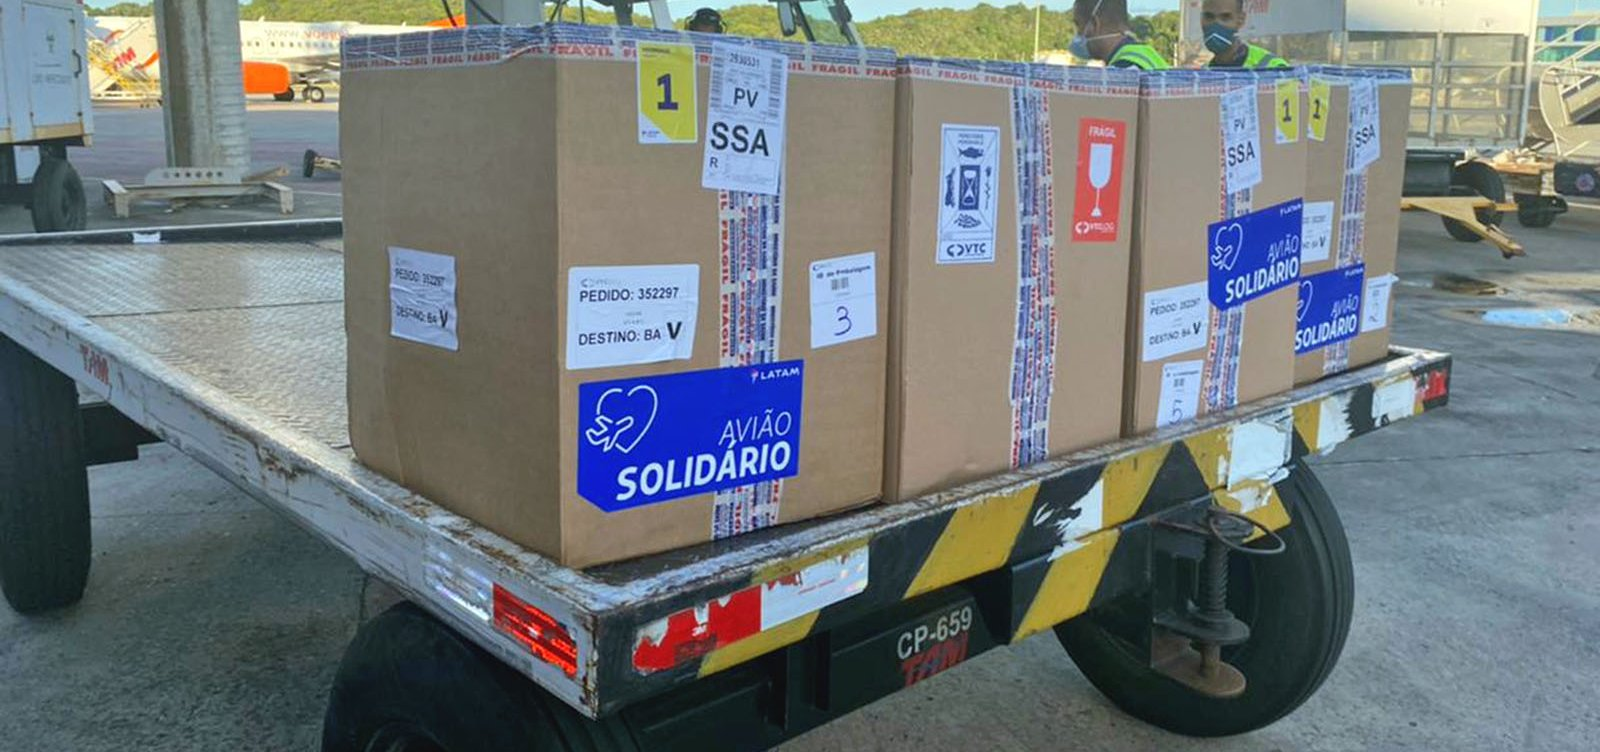 Bahia recebe remessa com 39.780 doses da vacina da Pfizer